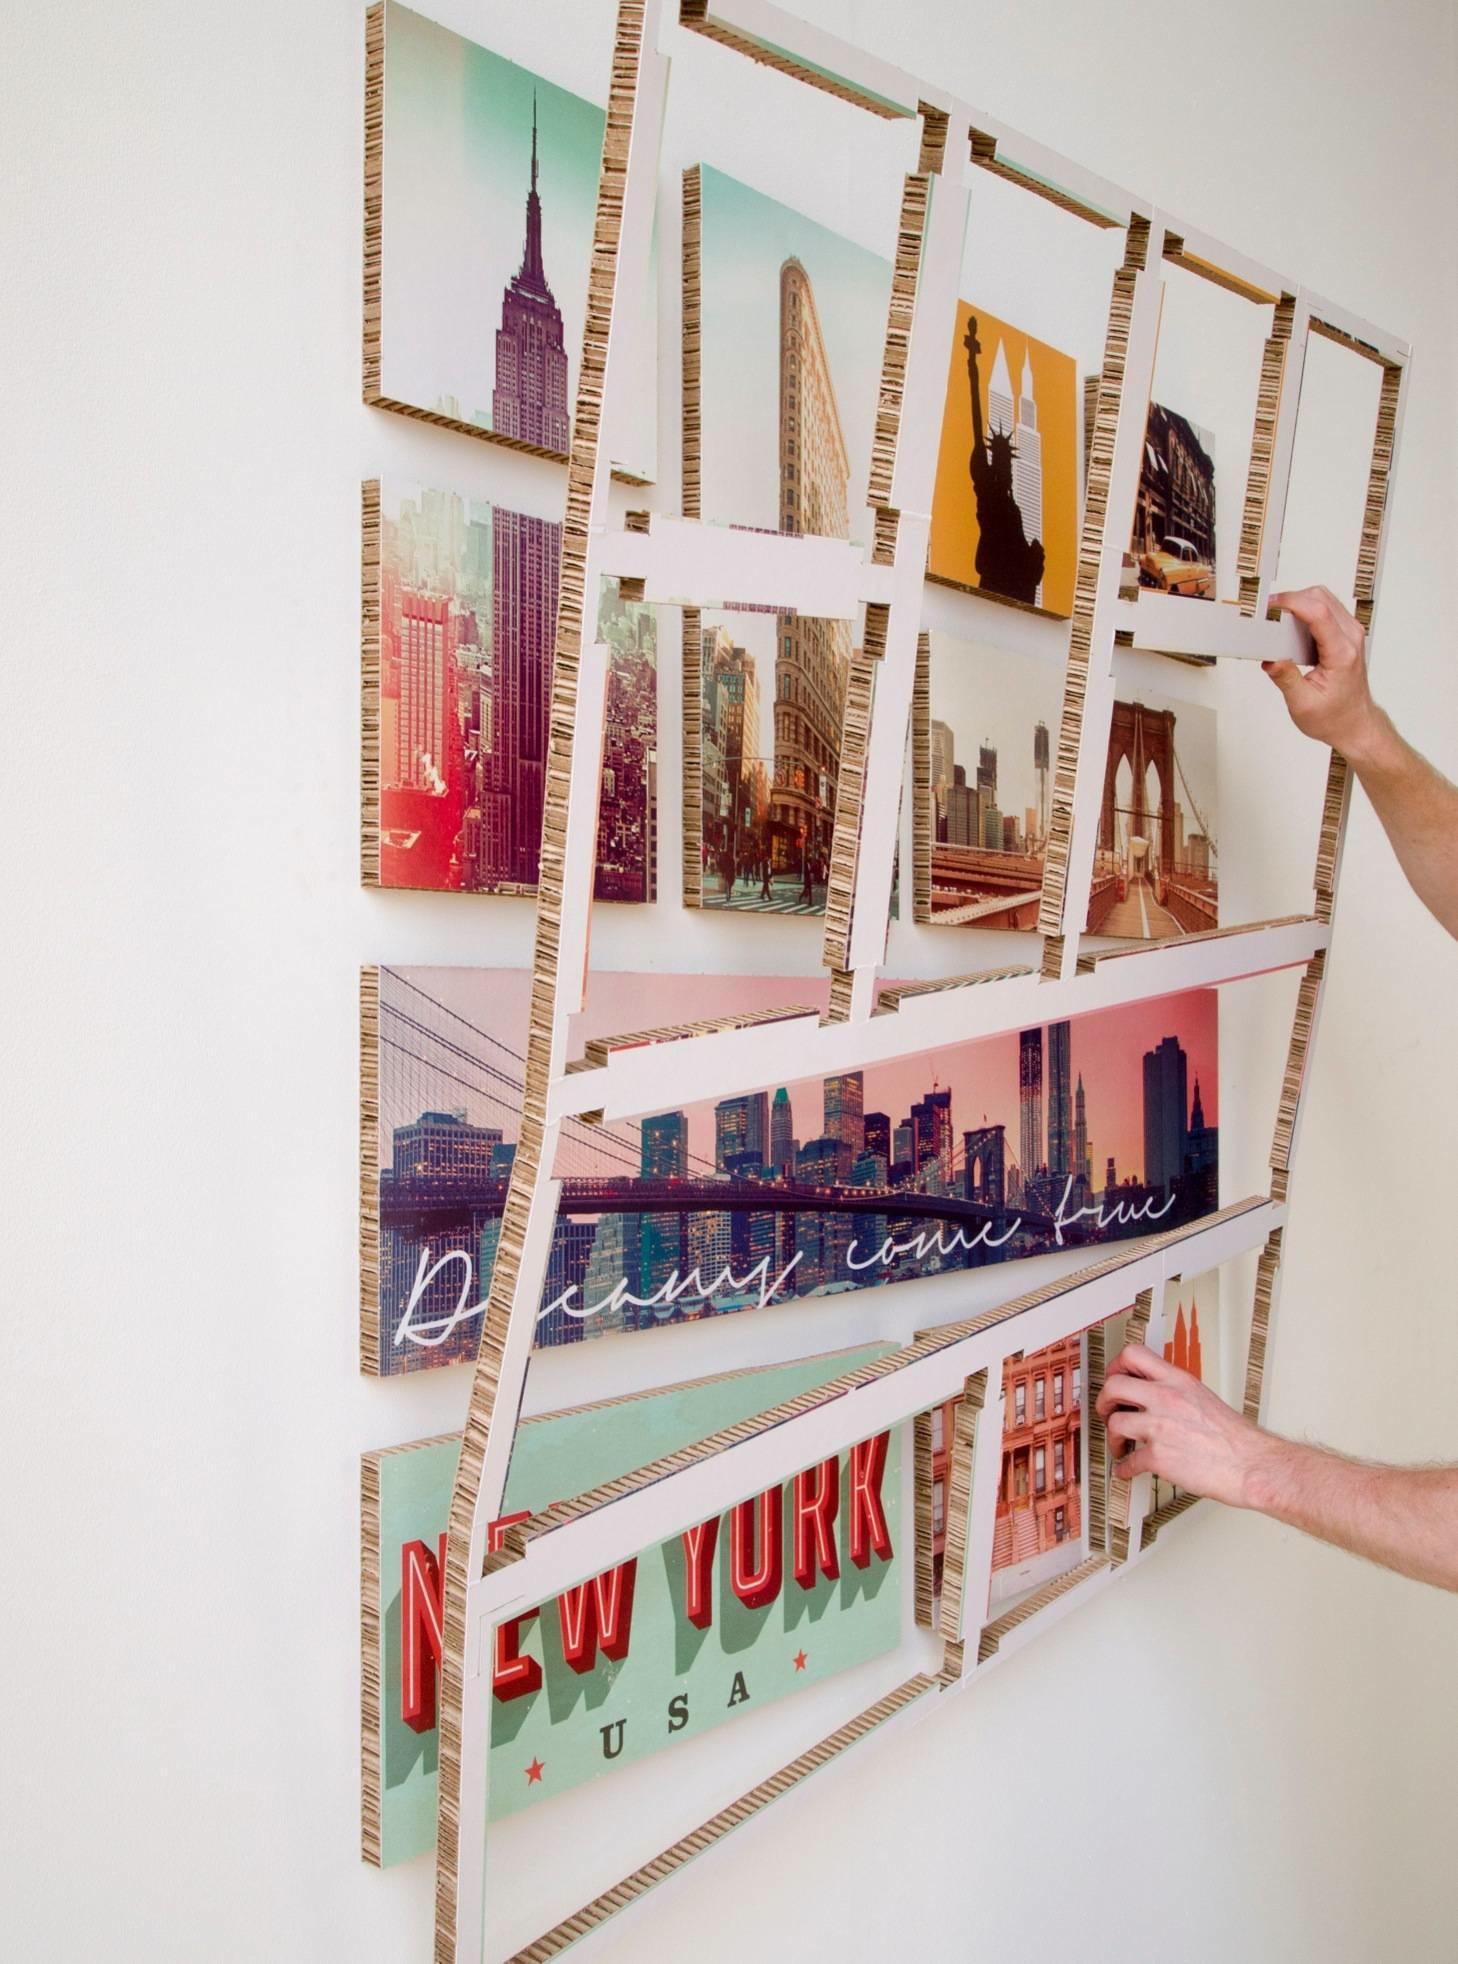 Wanddecoratie Met Fotos.Wanddecoratie Met Eigen Foto Rsvhoekpolder